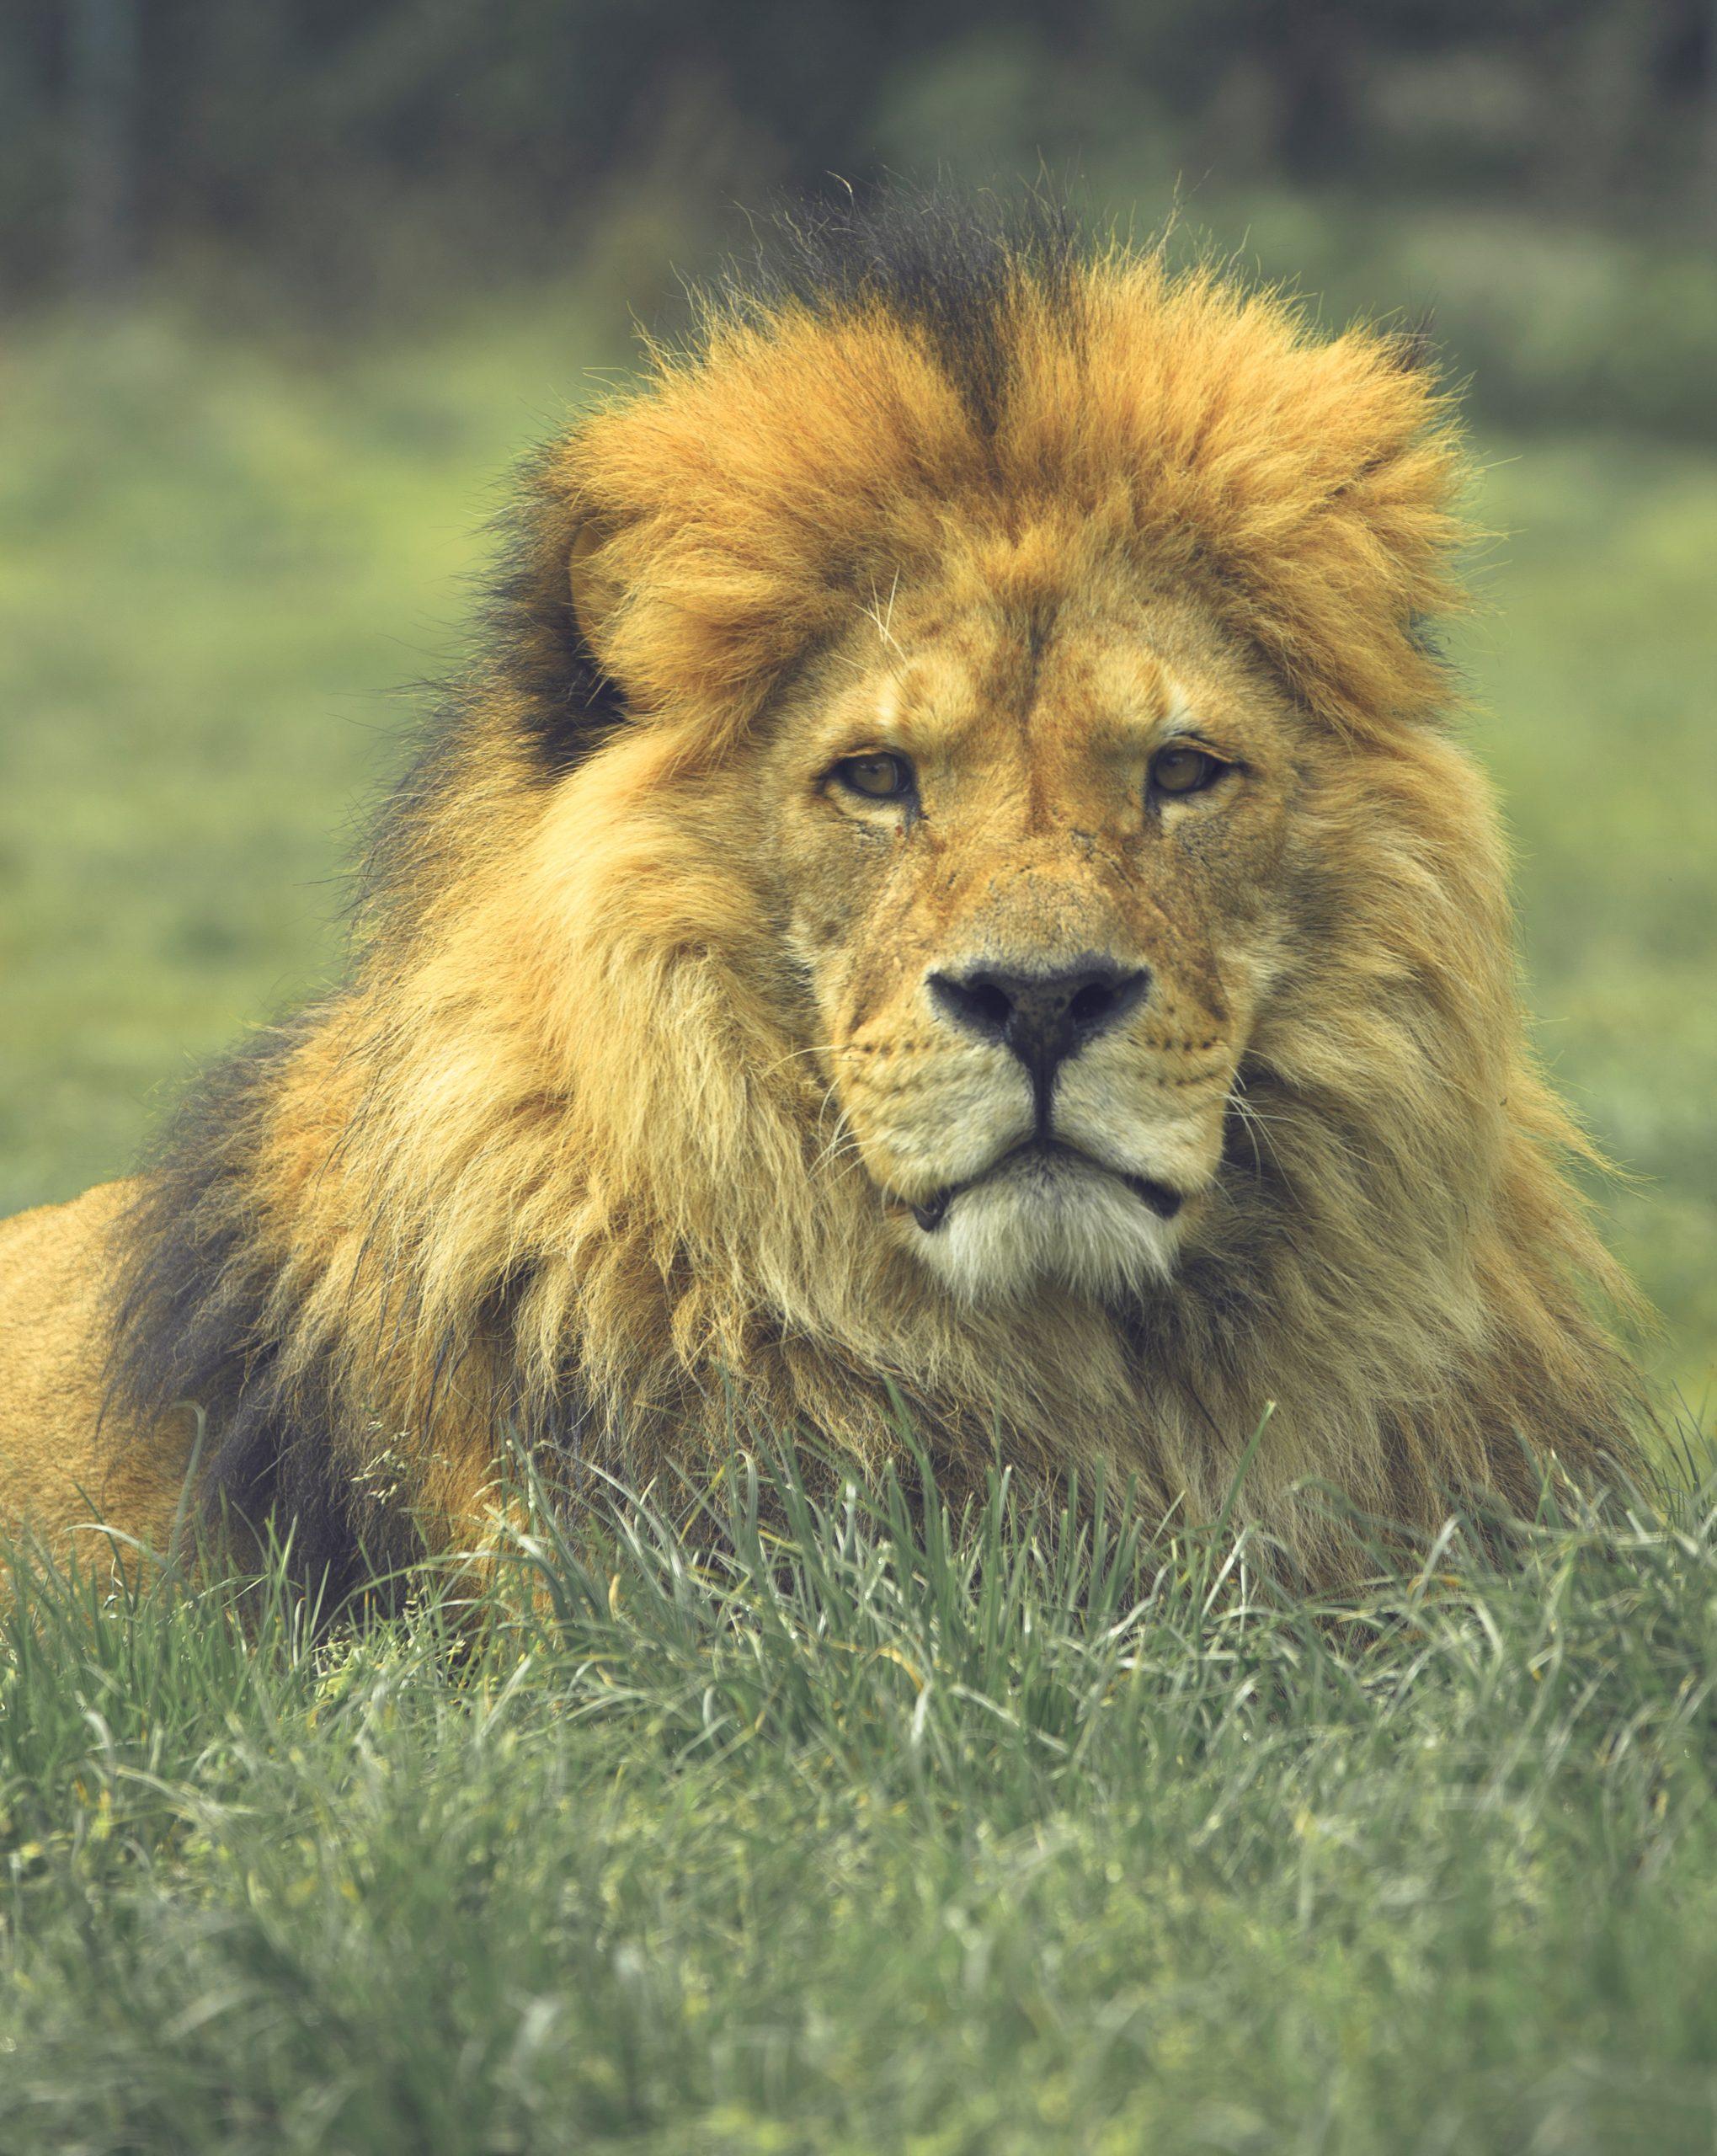 wallpaper Brown lion